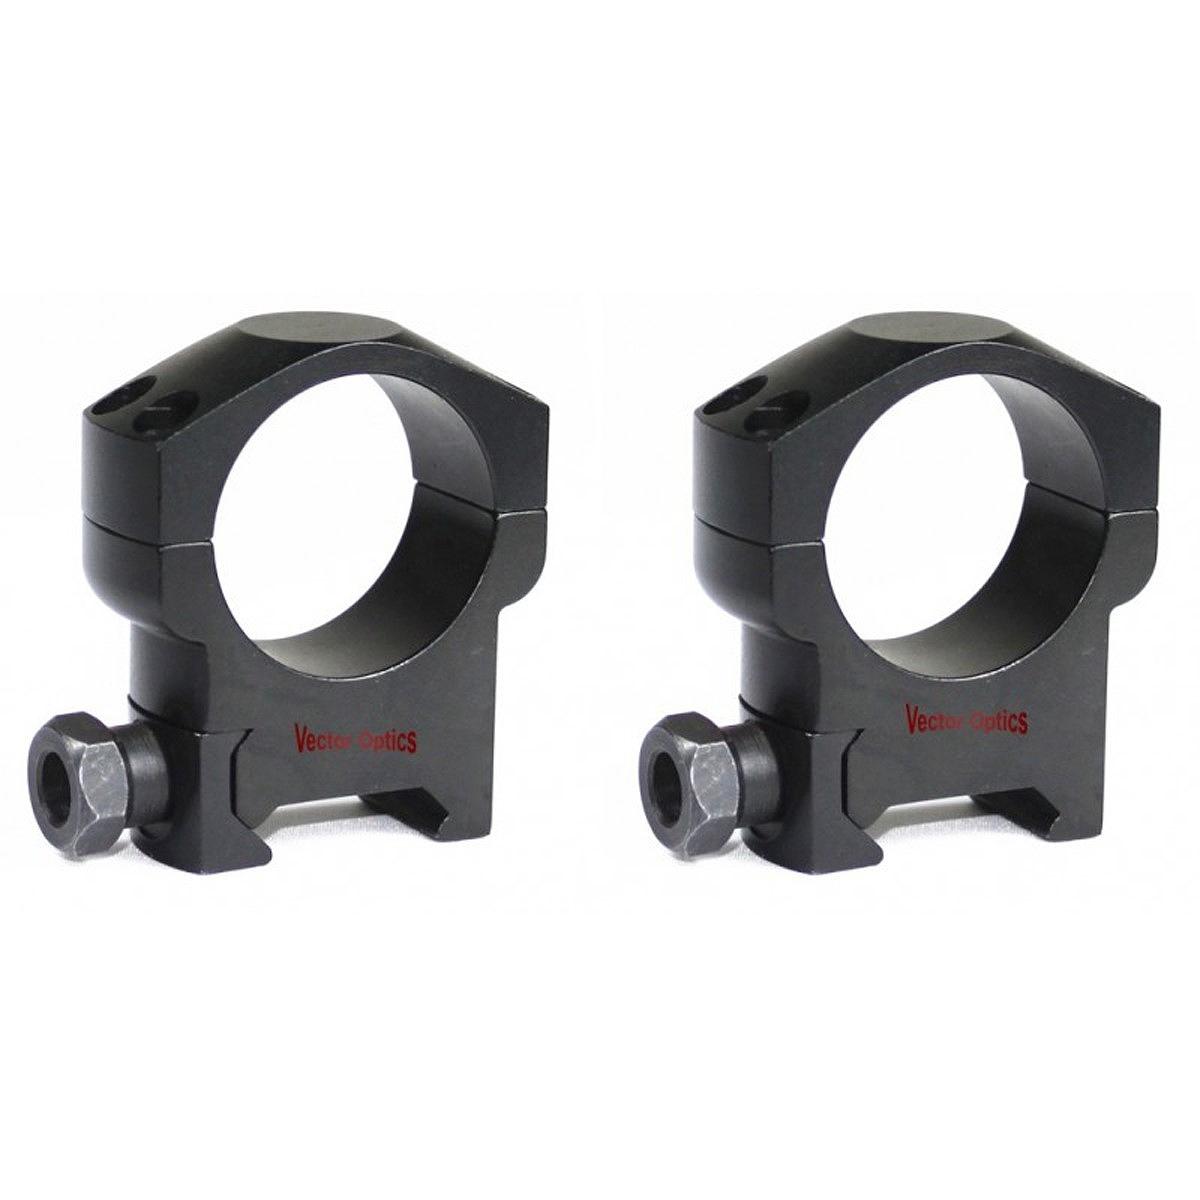 ベクターオプティクス スコープマウント 30mm Mark MediumProfile Weaver Rings  Vector Optics SCTM-22